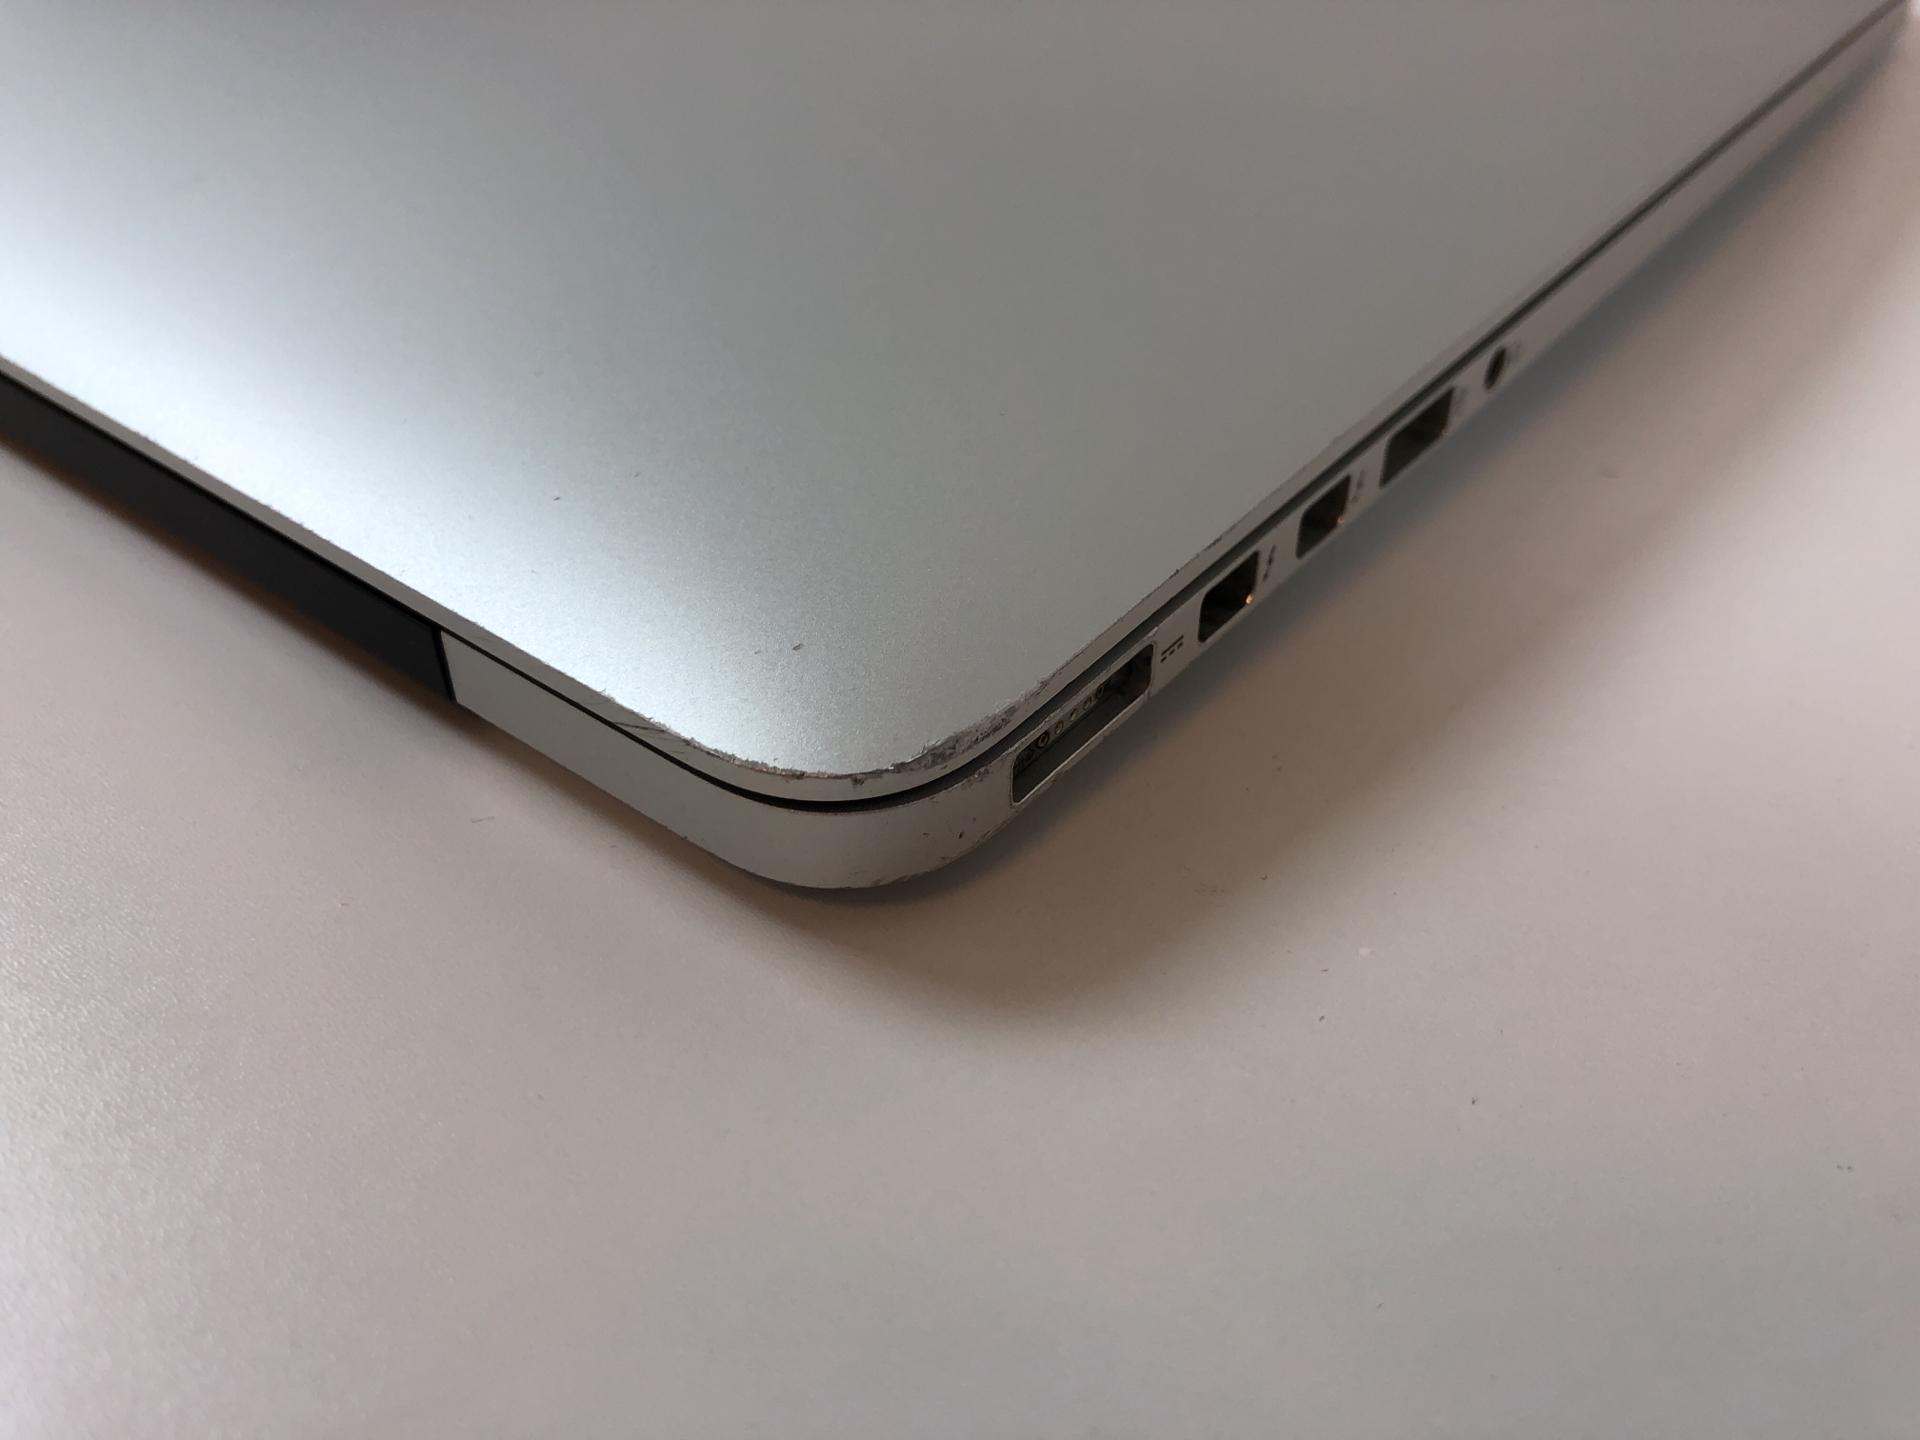 """MacBook Pro Retina 15"""" Mid 2014 (Intel Quad-Core i7 2.8 GHz 16 GB RAM 256 GB SSD), Intel Quad-Core i7 2.8 GHz, 16 GB RAM, 256 GB SSD, Bild 3"""